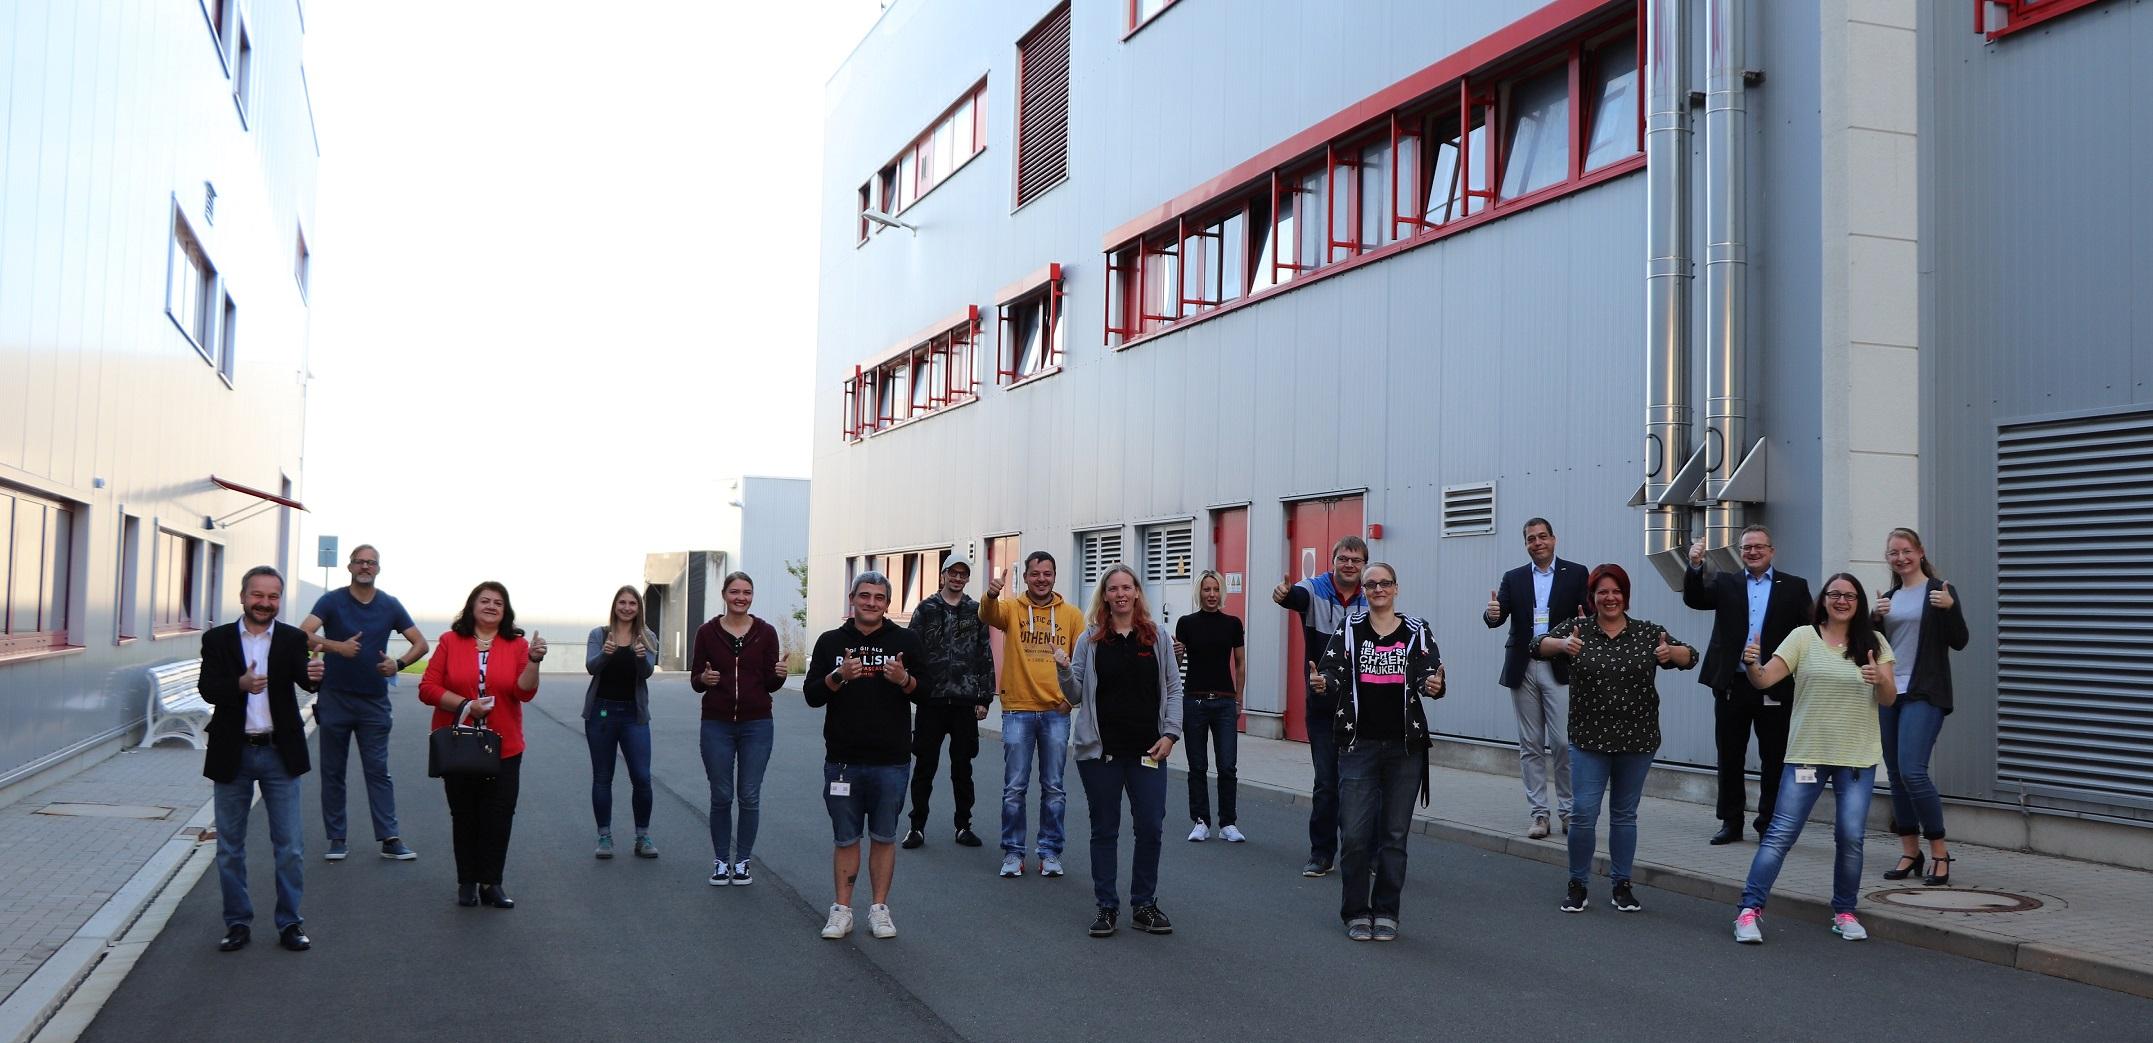 Stark für die Zukunft: RAPA startet zum zweiten Mal das Qualifizierungsprojekt für Montagearbeiter